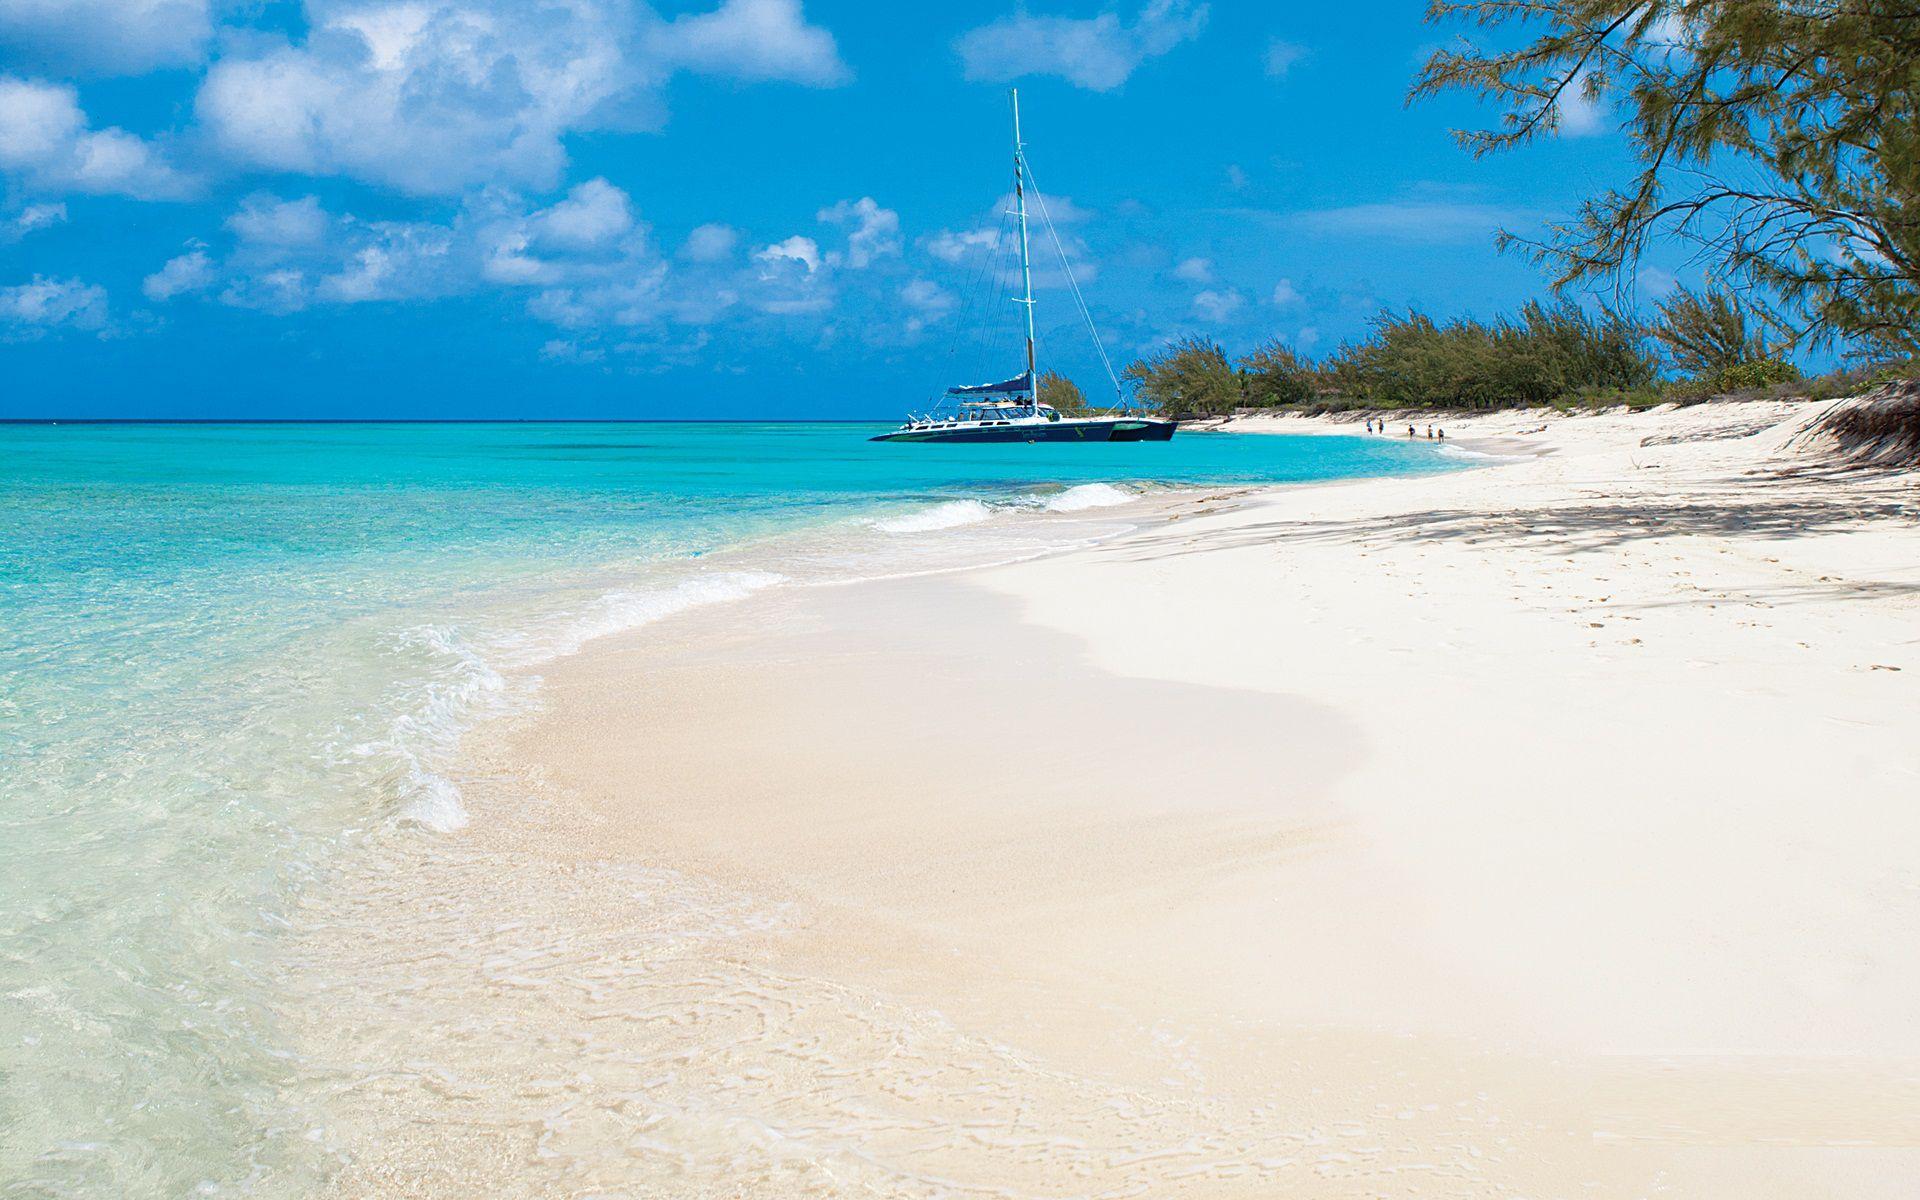 نتيجة بحث الصور عن جزر تركس وكايكوس